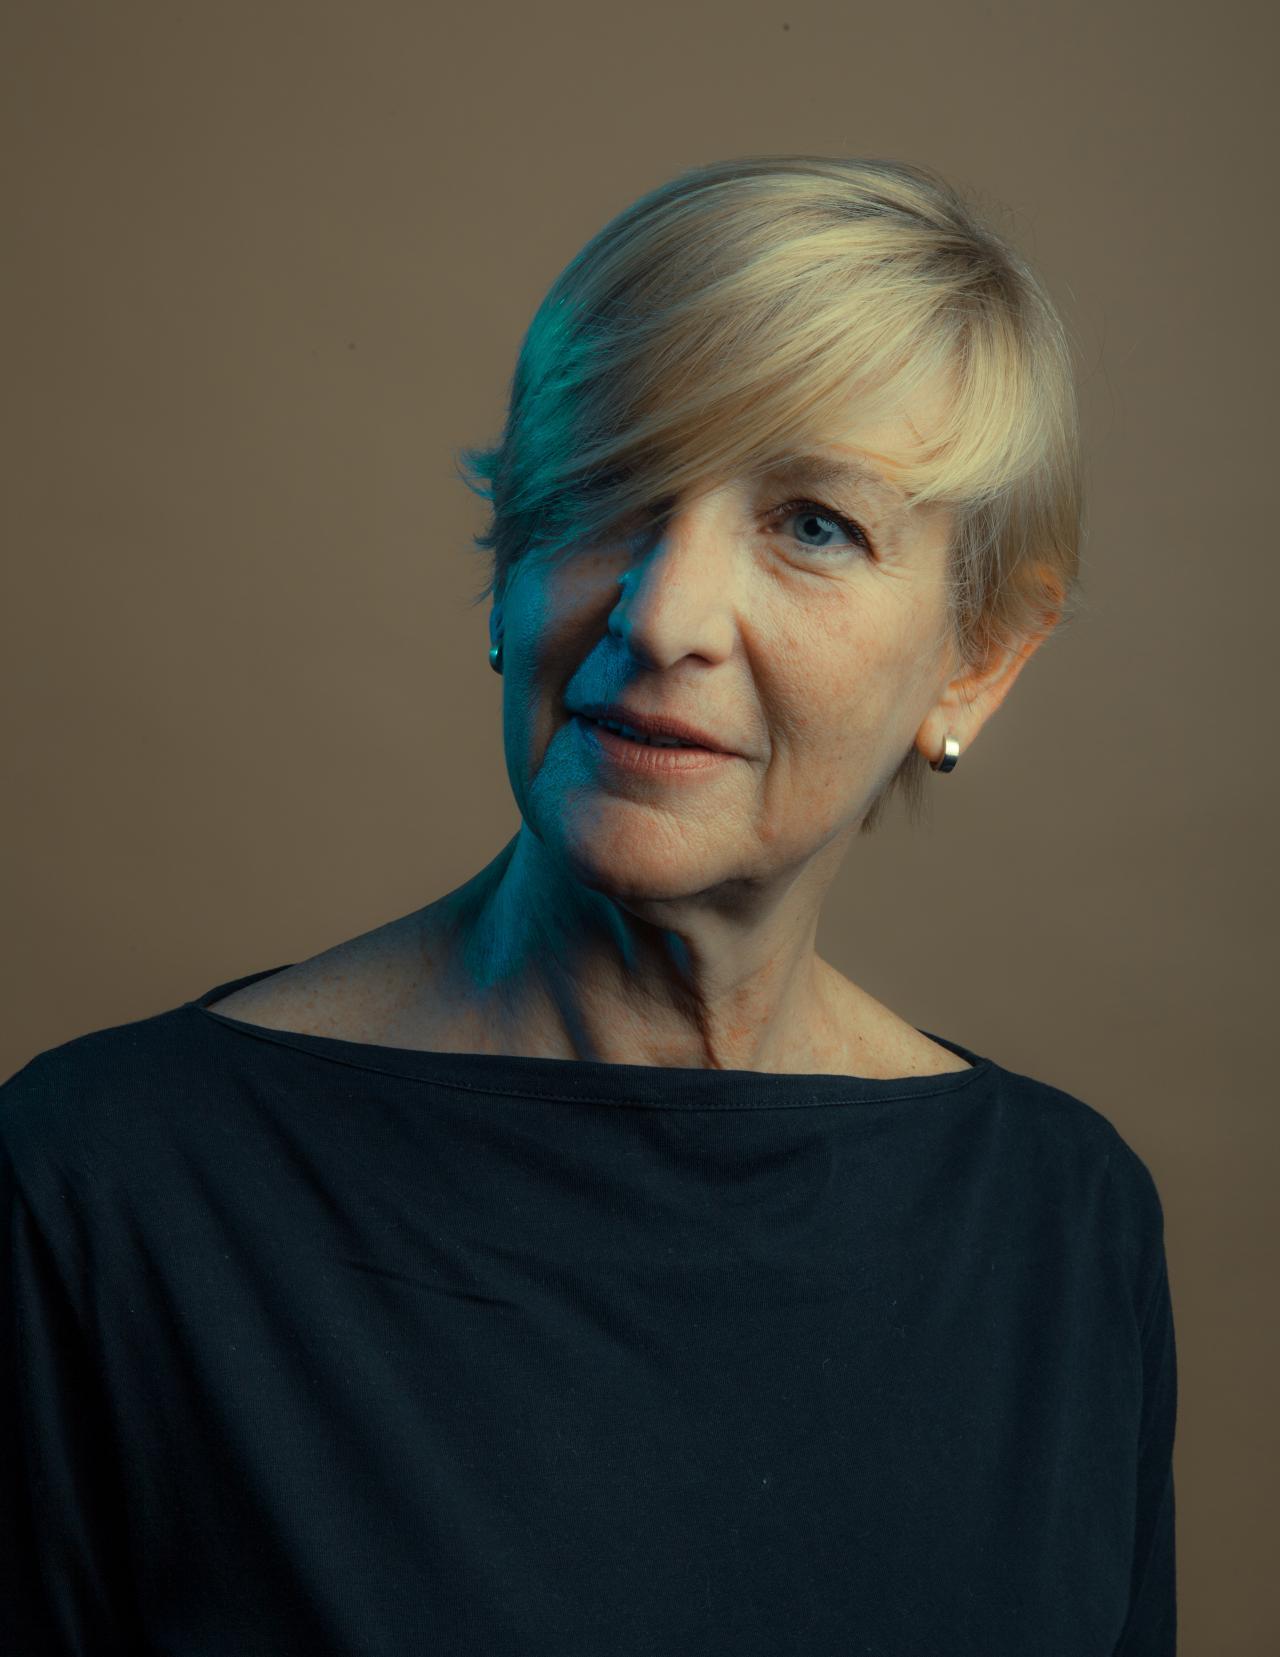 Portrait of Giselle Beiguelman